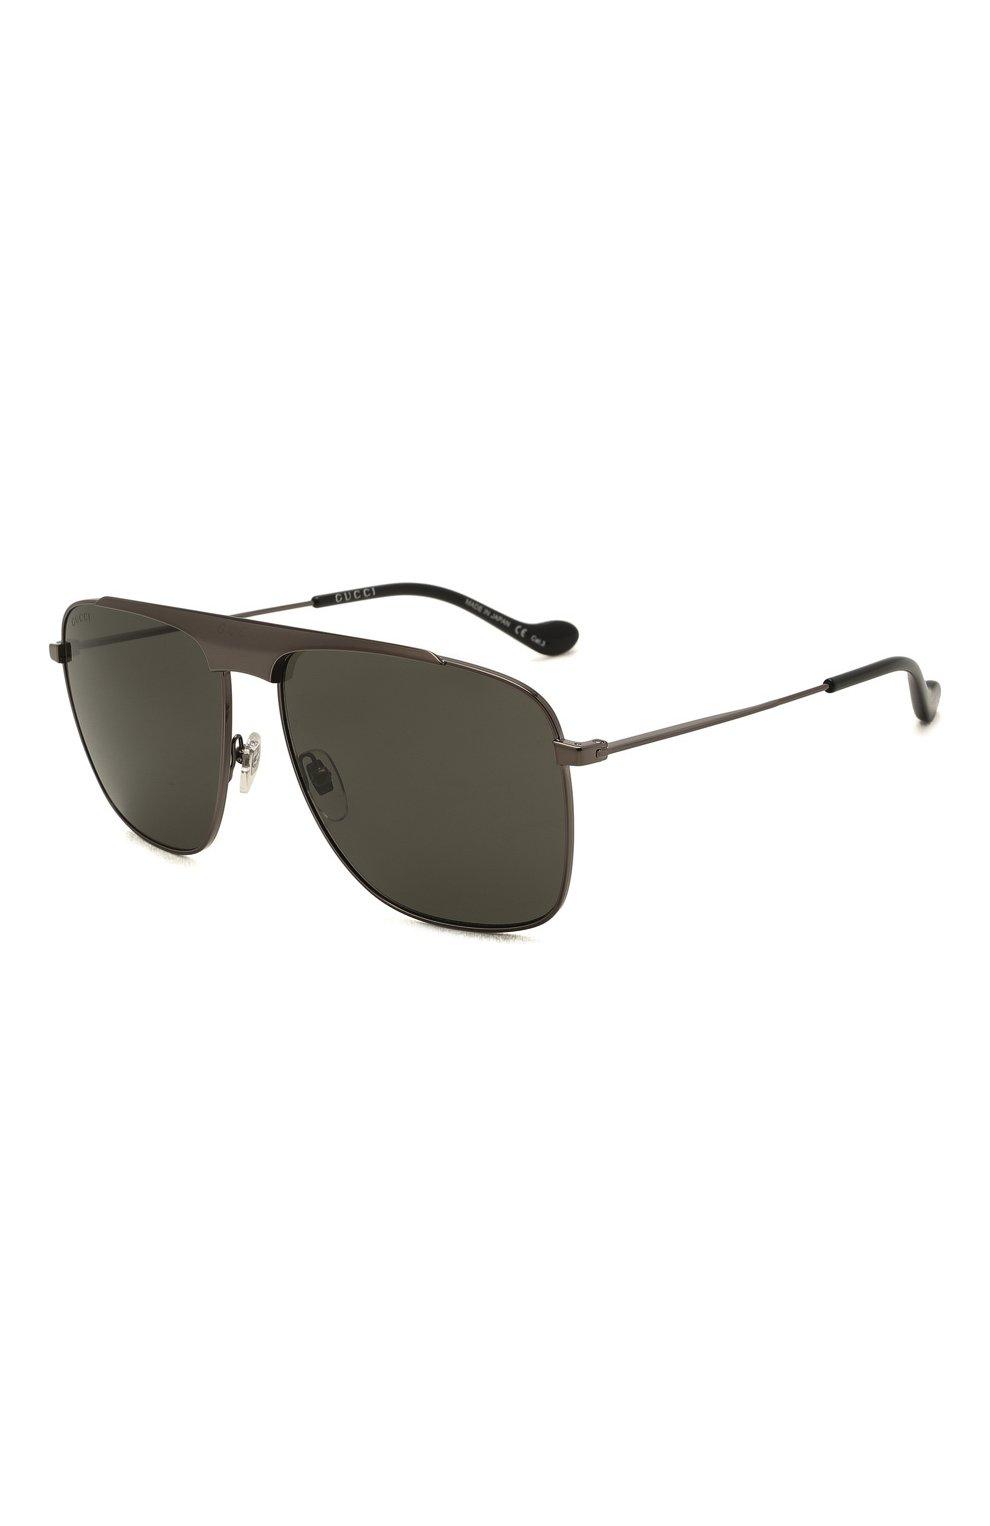 Мужские солнцезащитные очки GUCCI серого цвета, арт. GG0909S 001 | Фото 1 (Тип очков: С/з; Очки форма: Прямоугольные; Оптика Гендер: оптика-мужское)